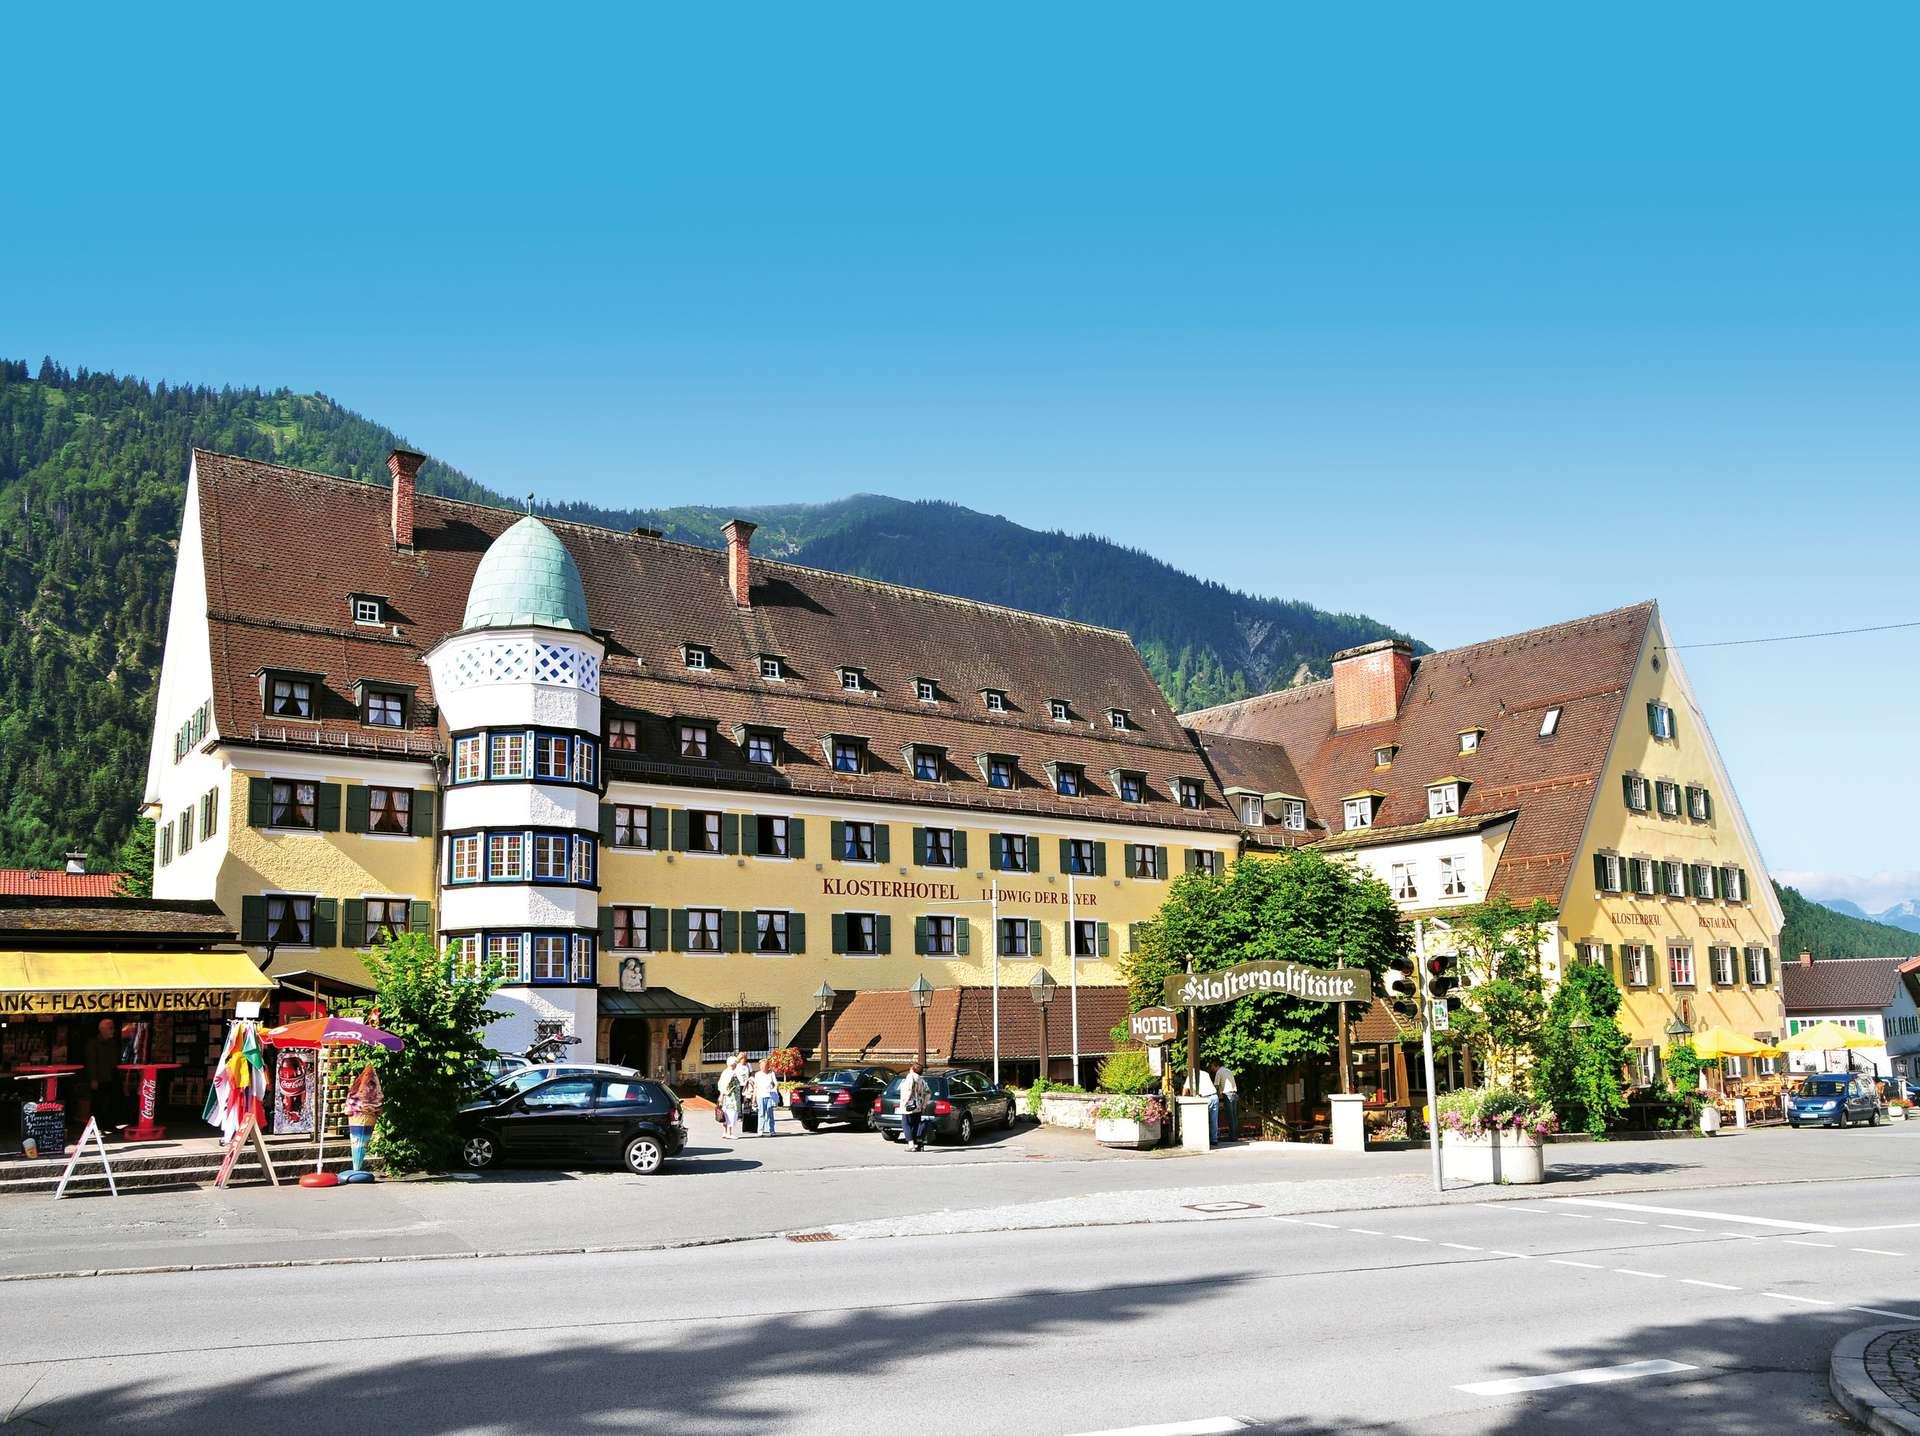 Klosterhotel Ludwig der Bayer